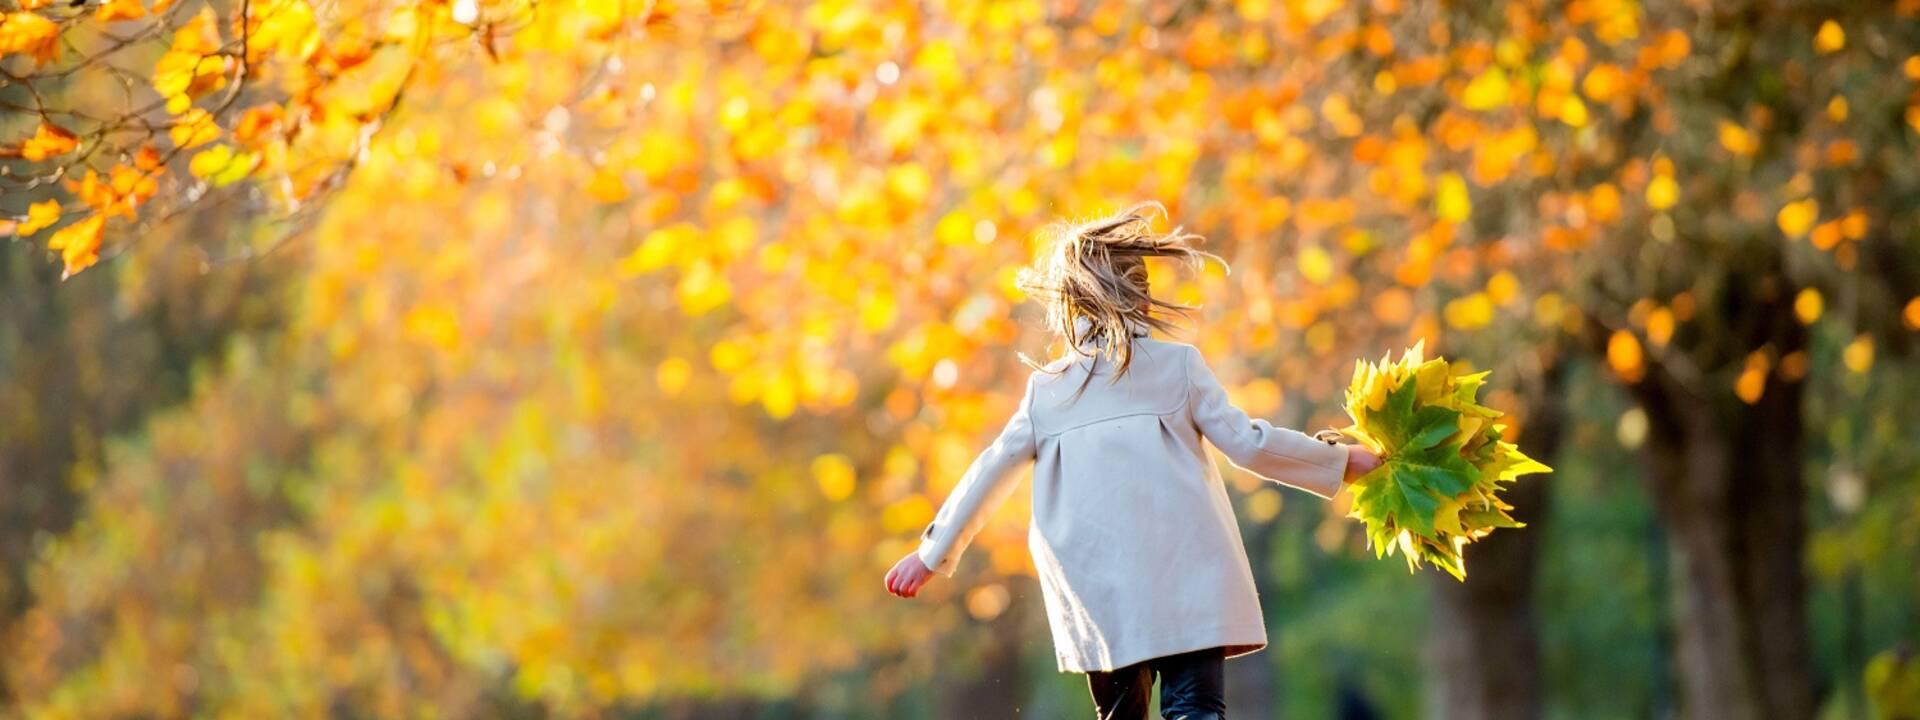 Les couleurs de l'automne en Charente-Maritime - ©Shutterstock